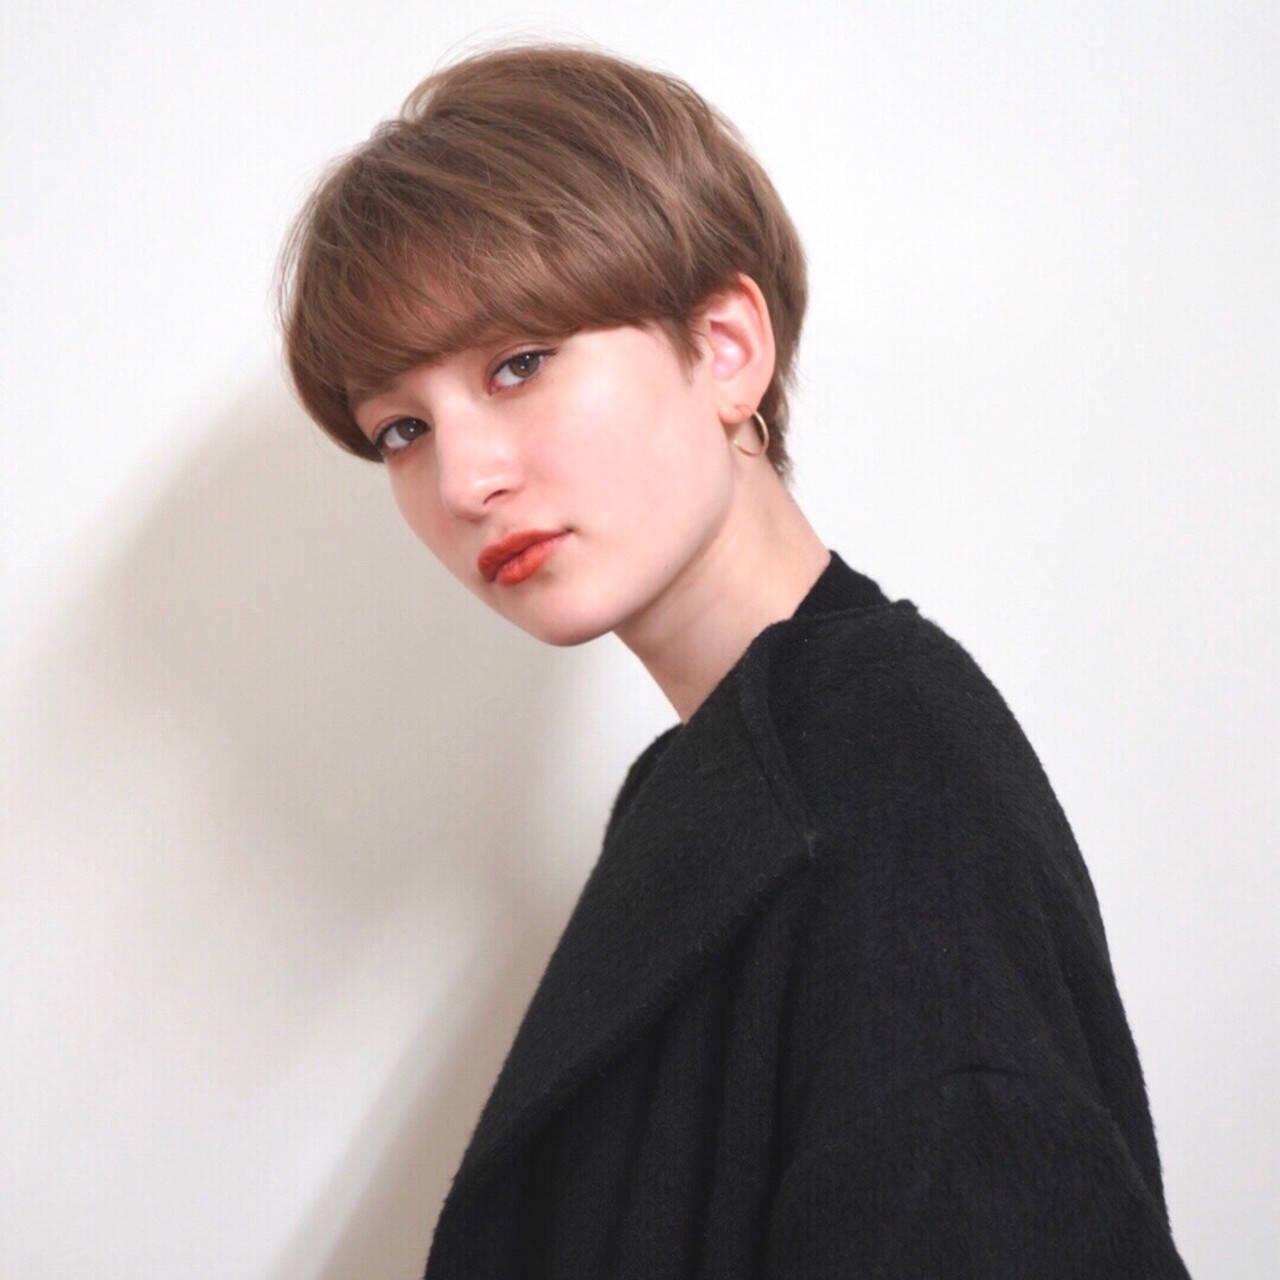 ナチュラル ヘアアレンジ デート アウトドアヘアスタイルや髪型の写真・画像